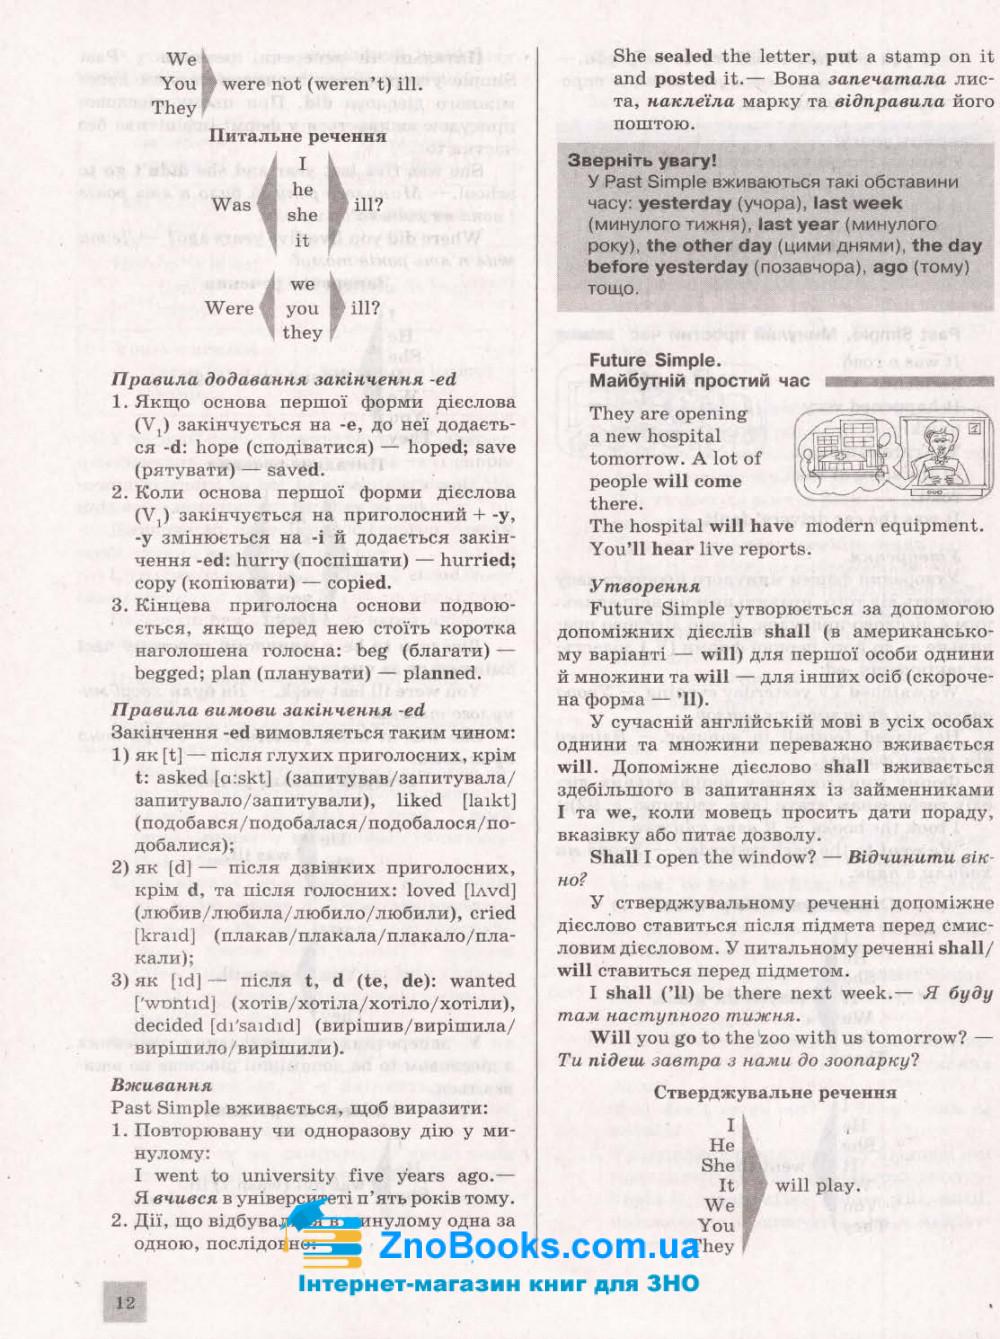 Англійська мова ЗНО 2022. Комплексне видання + типові тестові /КОМПЛЕКТ/ : Чернишова Ю., Мясоєдова С. Літера 6